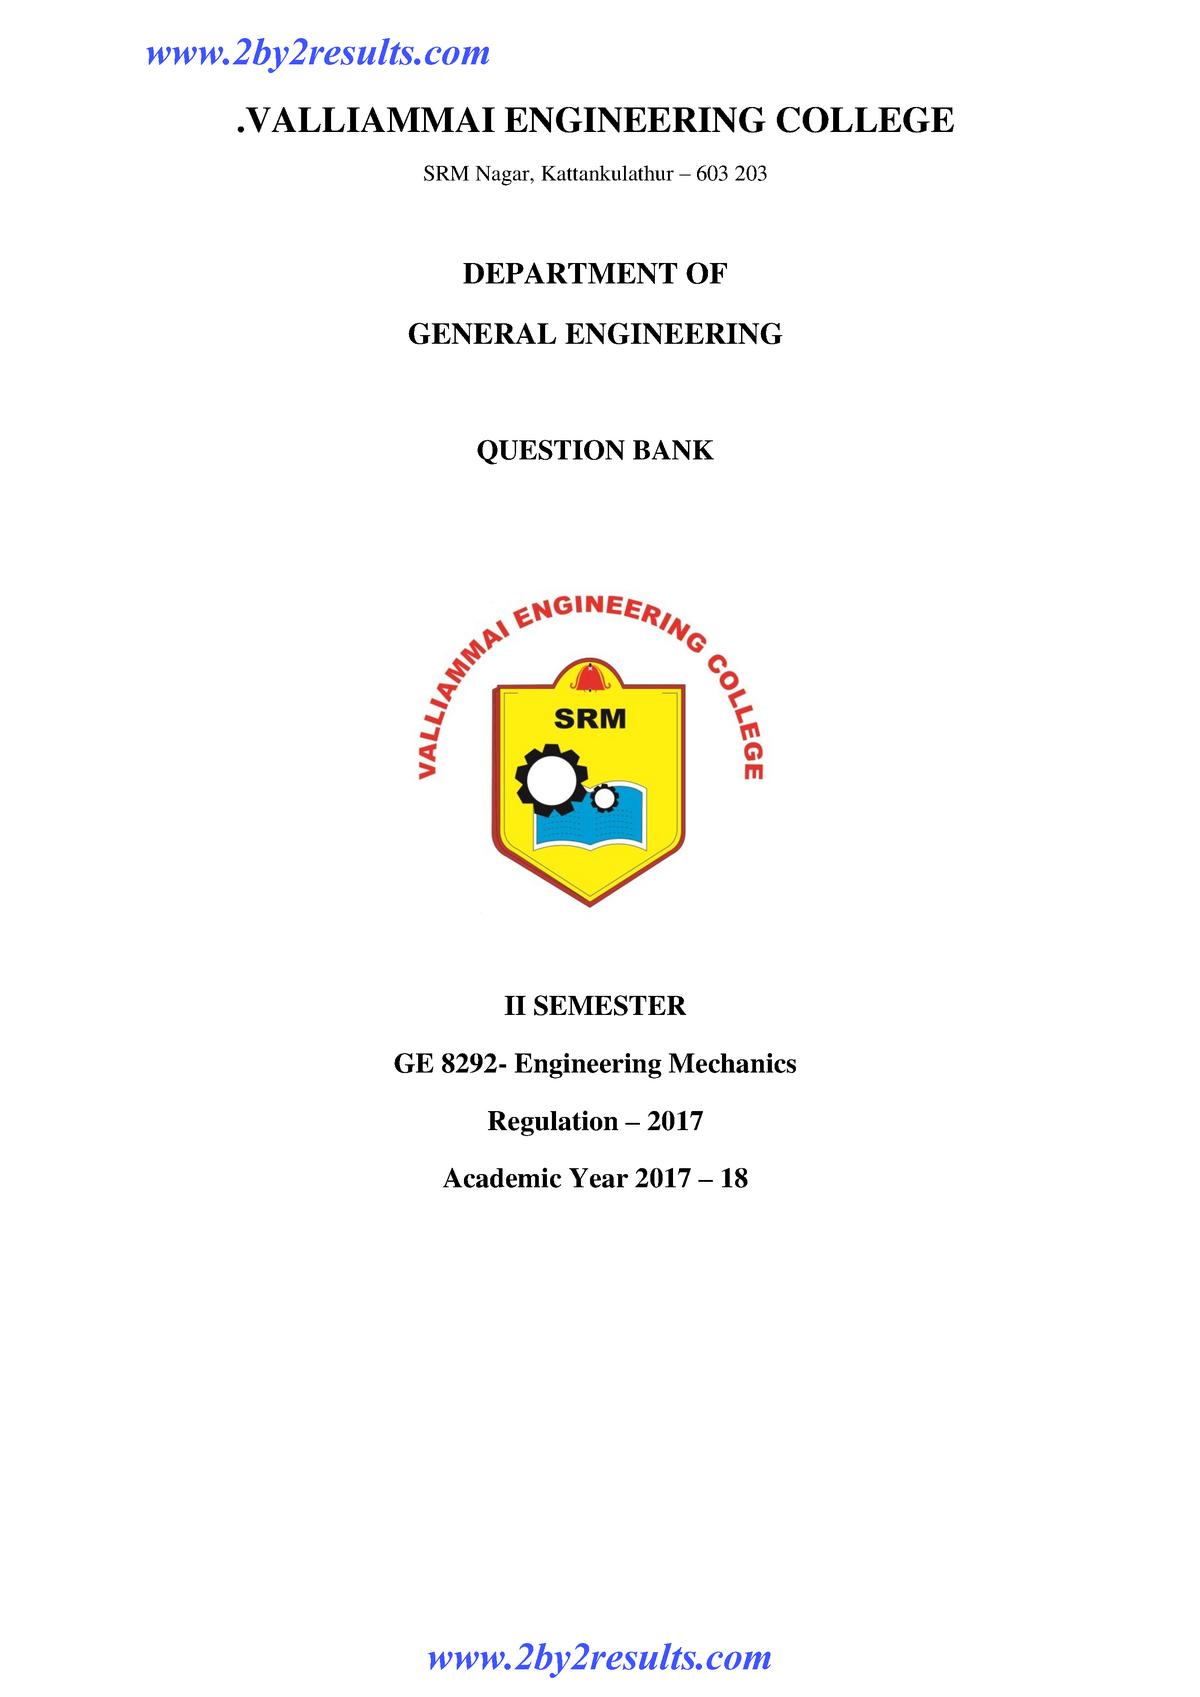 GE8292- Valliammal-Engineering Mechanics - GE6253 - StuDocu